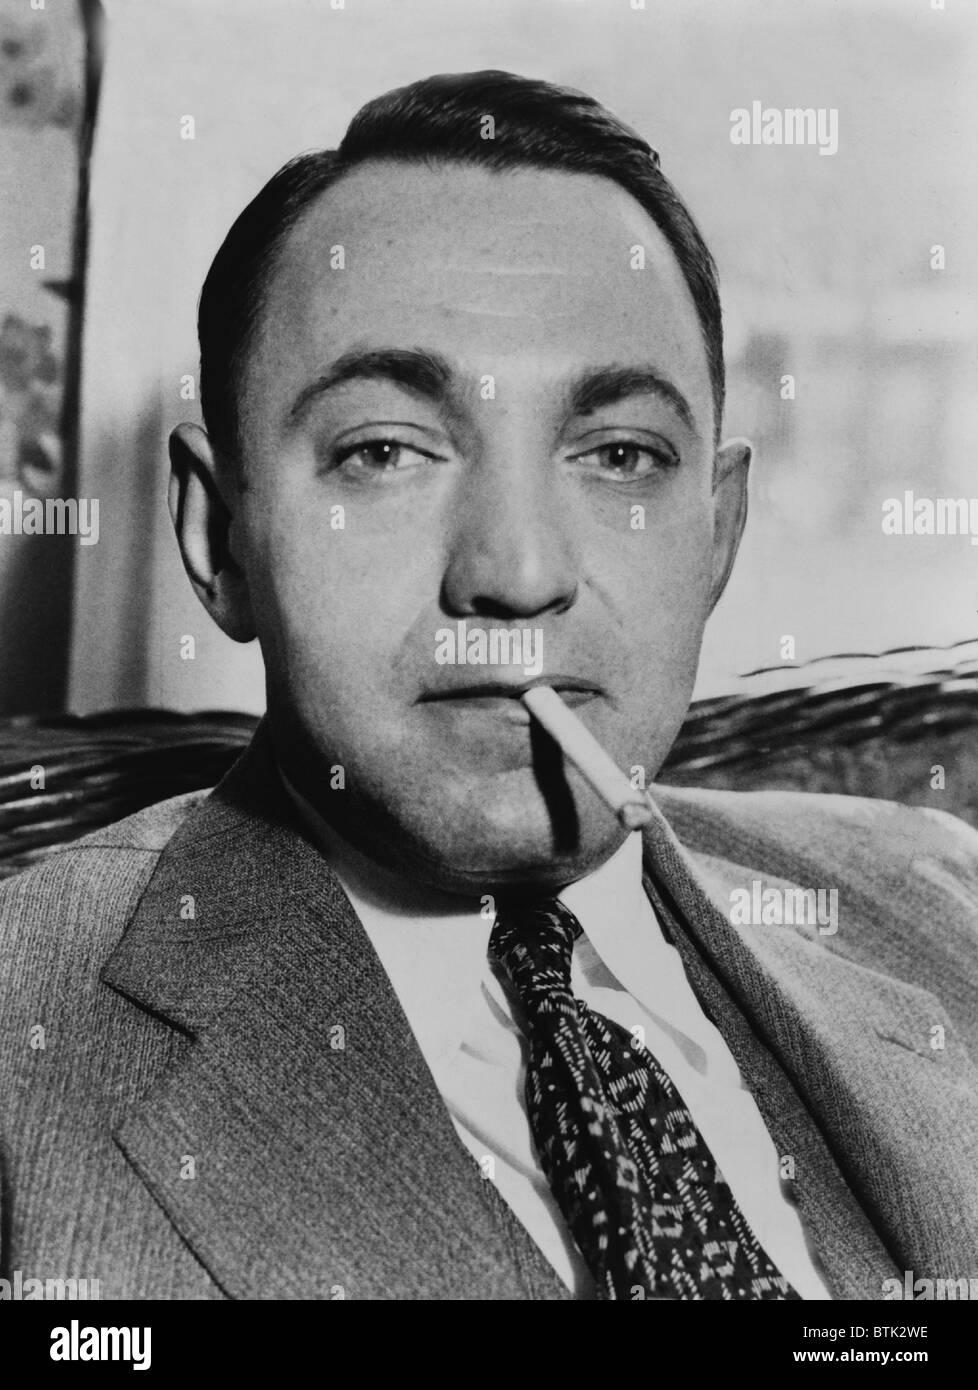 Dutch Schultz, born Arthur Flegenheimer (1902-1935), New York mobster, in 1935. - Stock Image